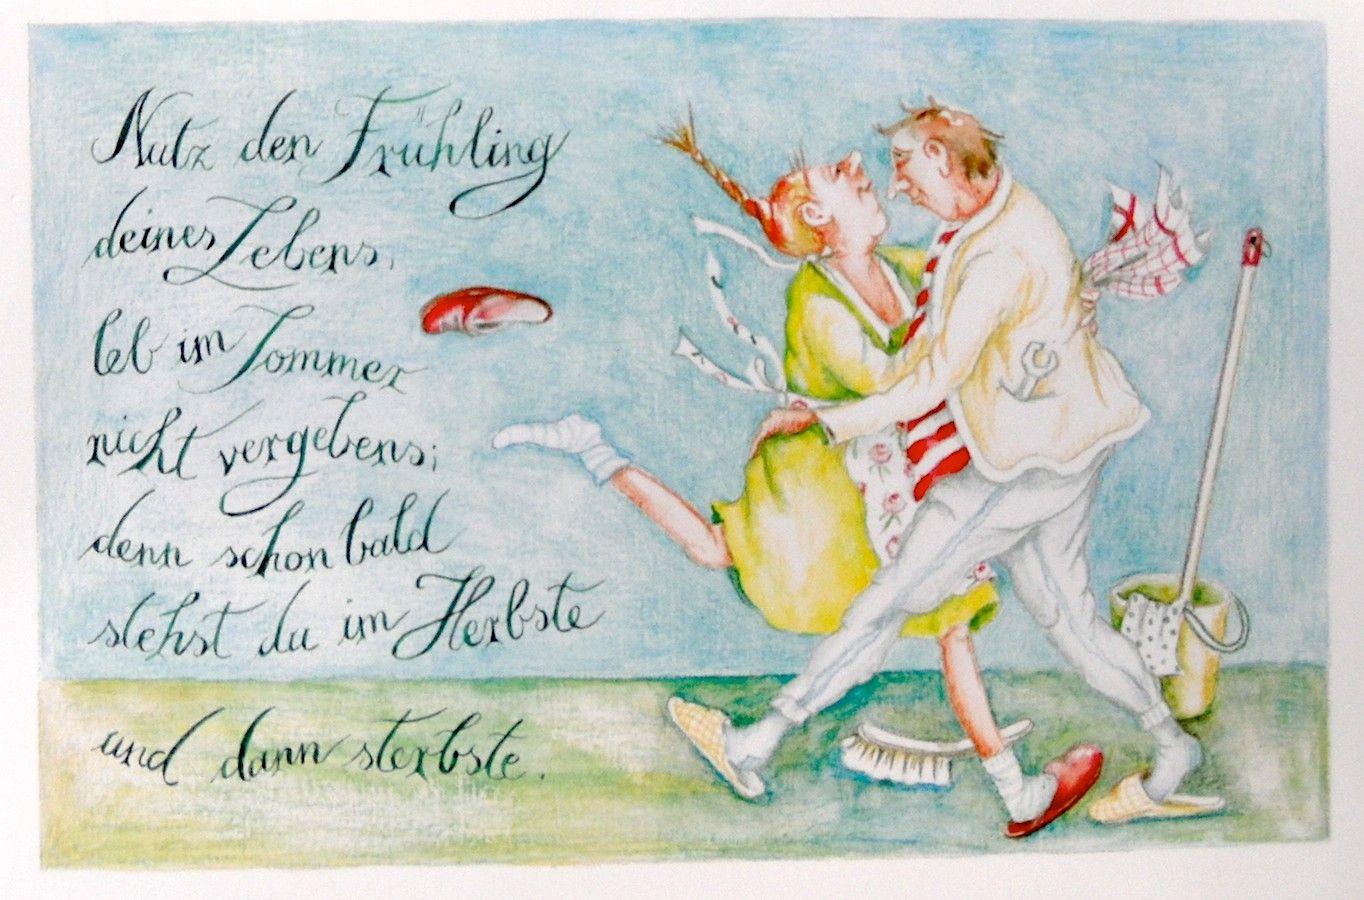 Christina Thran Briefkarte Nutz Den Fruhling Deines Lebens Christina Thran Kunstler Lustig Illustration Liebe Zitate Lustig Briefkarte